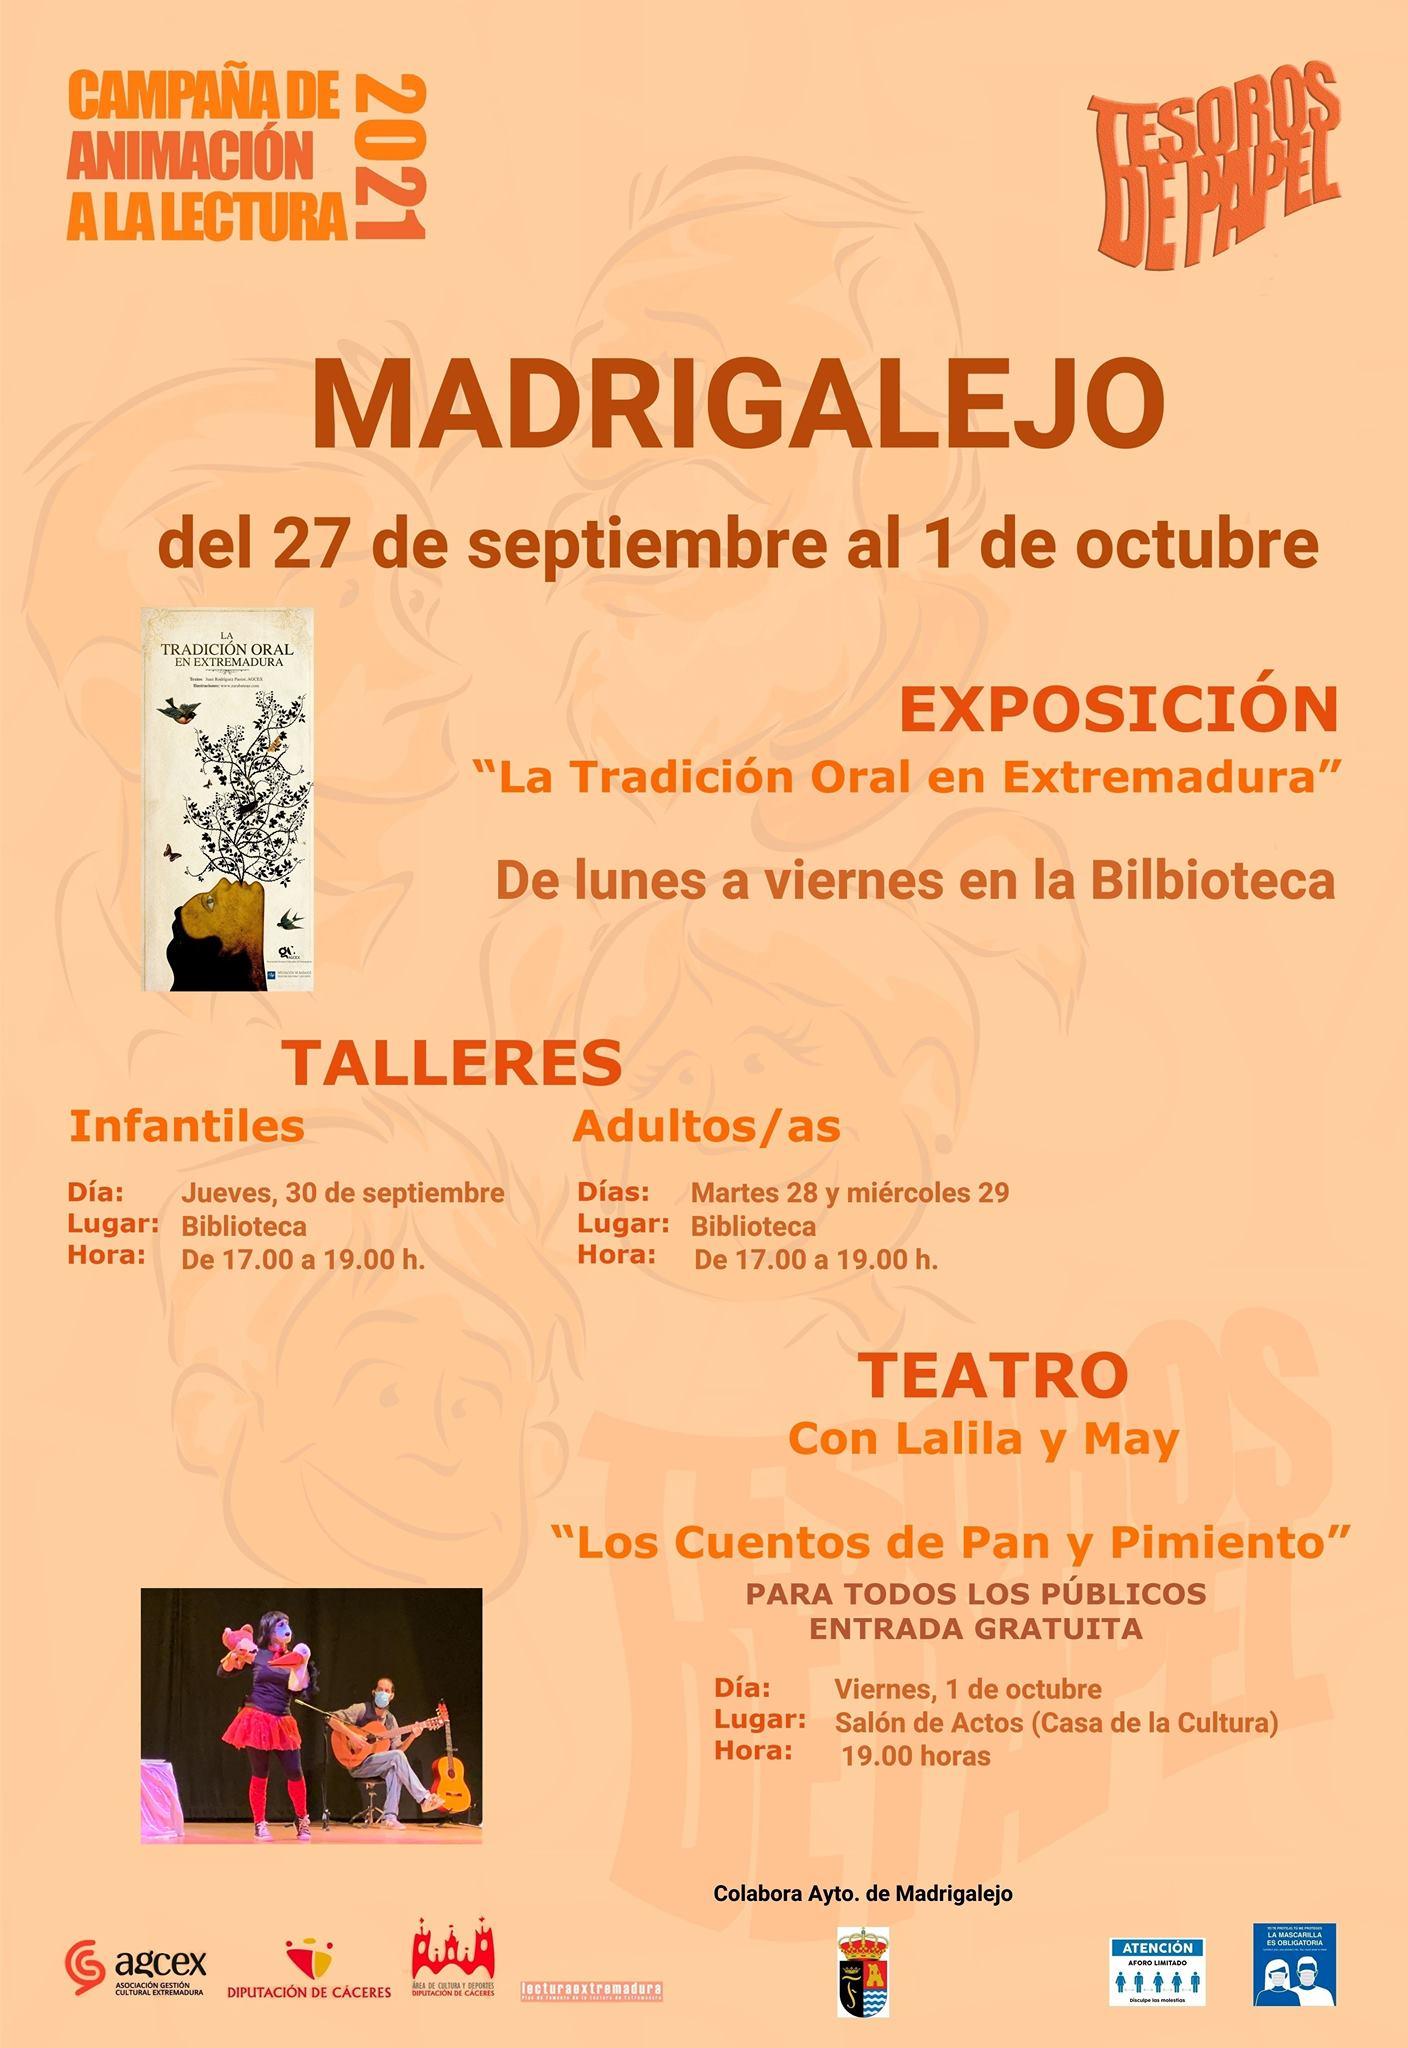 Campaña 'Tesoros de Papel' en Madrigalejo